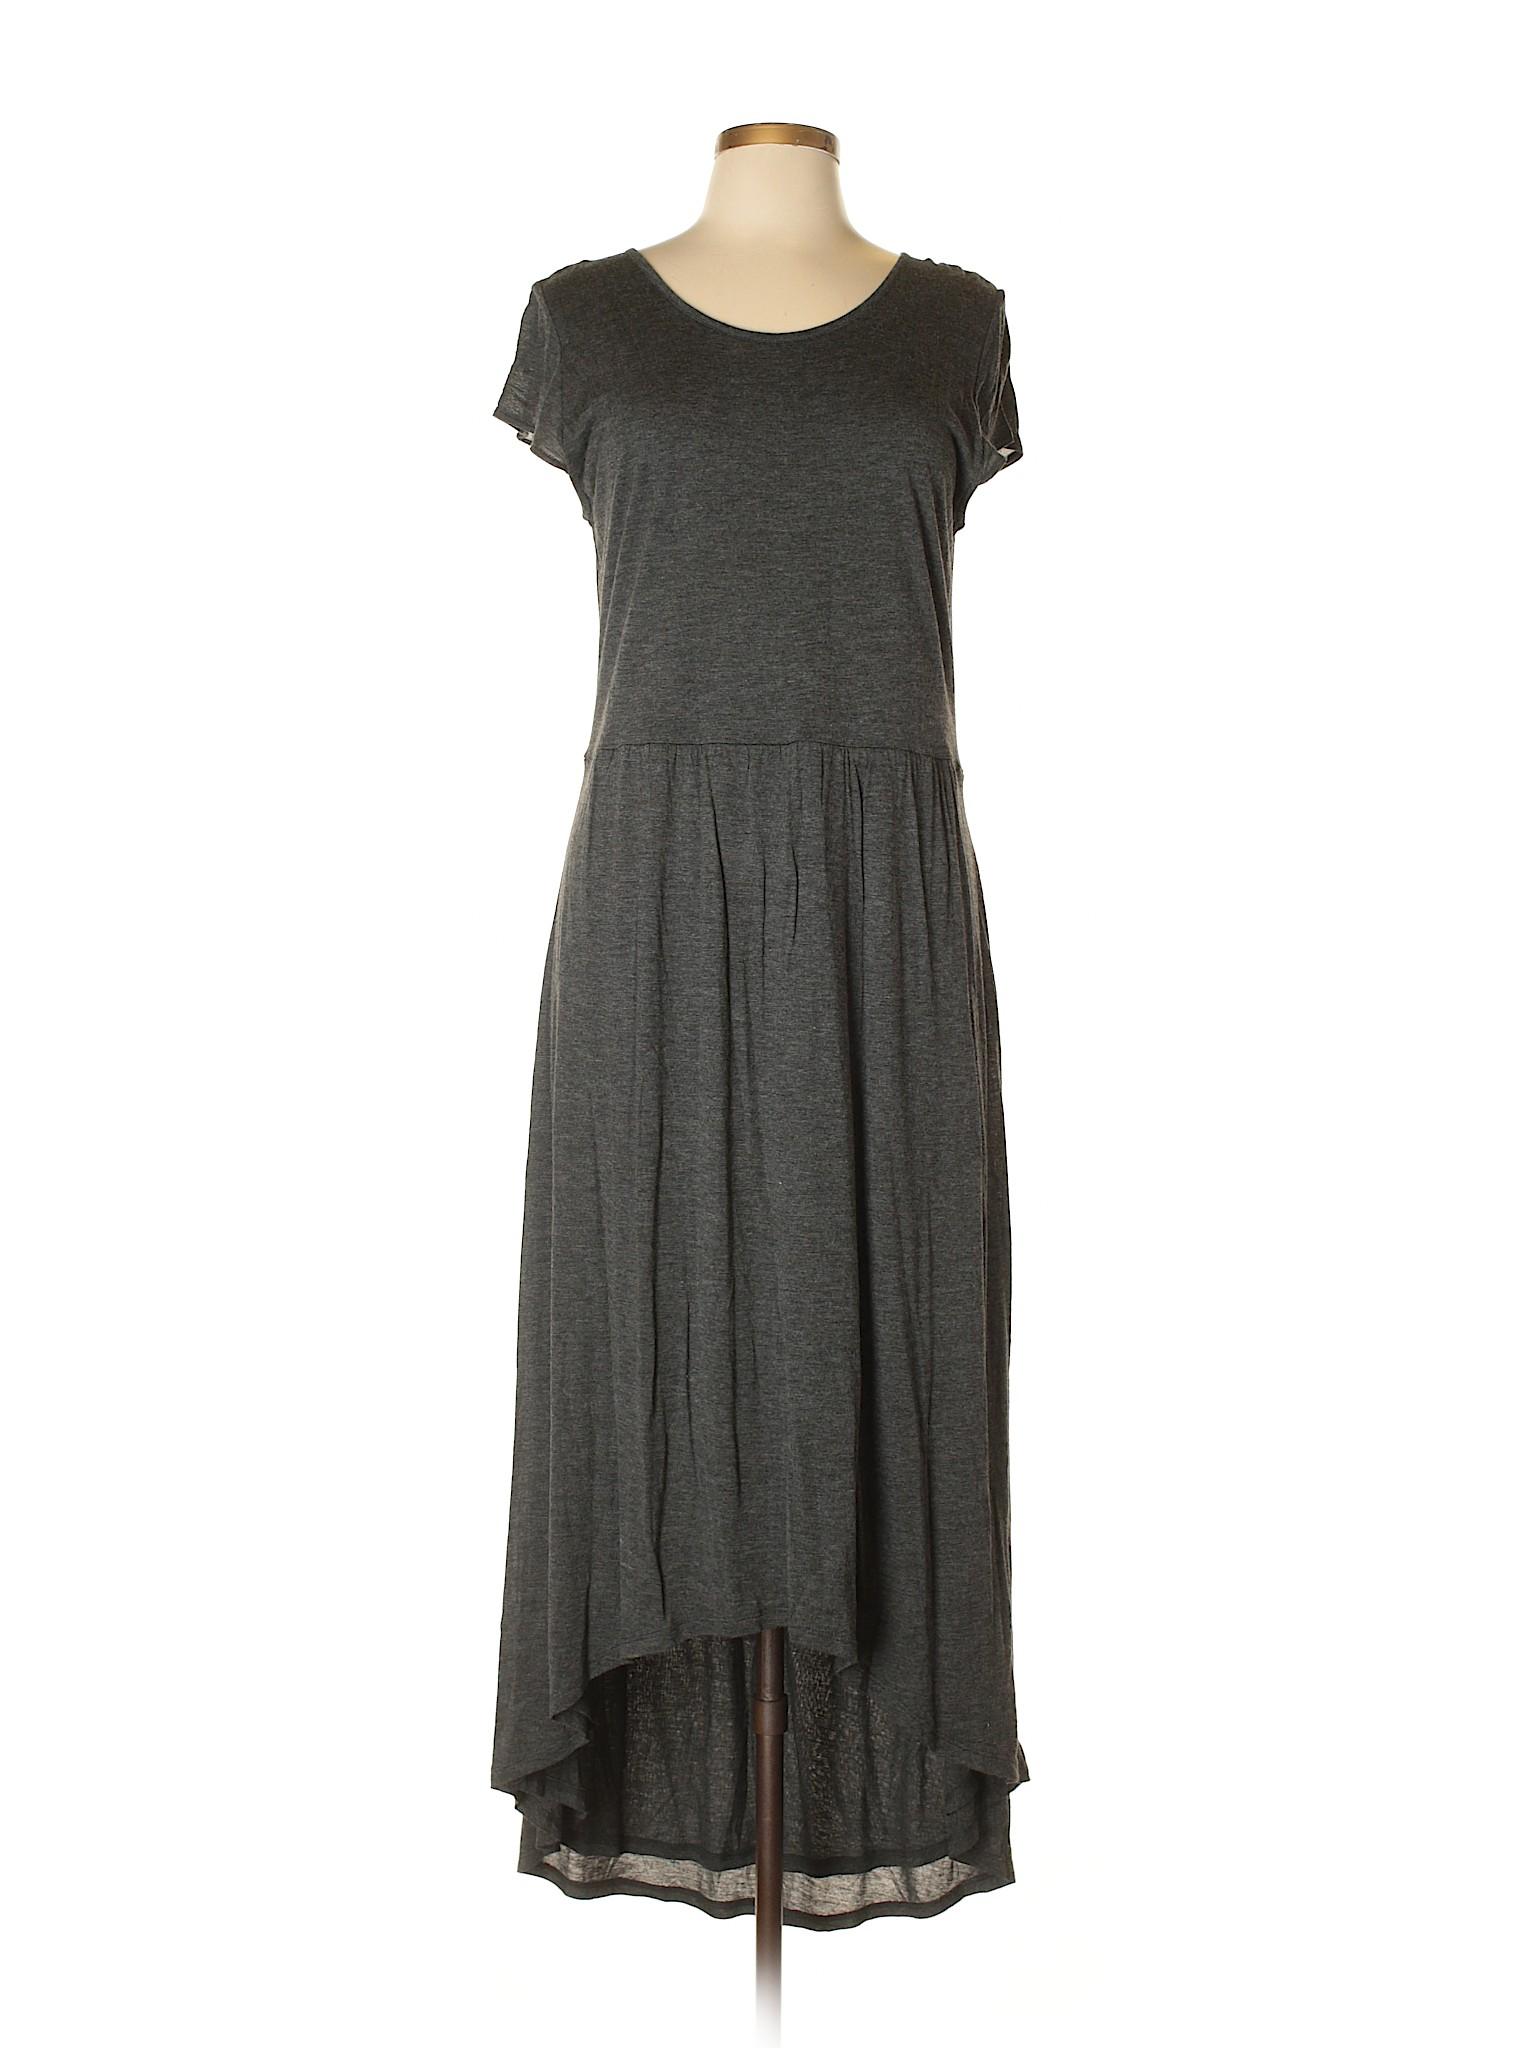 Dress Casual Selling Selling Kensie Kensie qgwgfFxa6